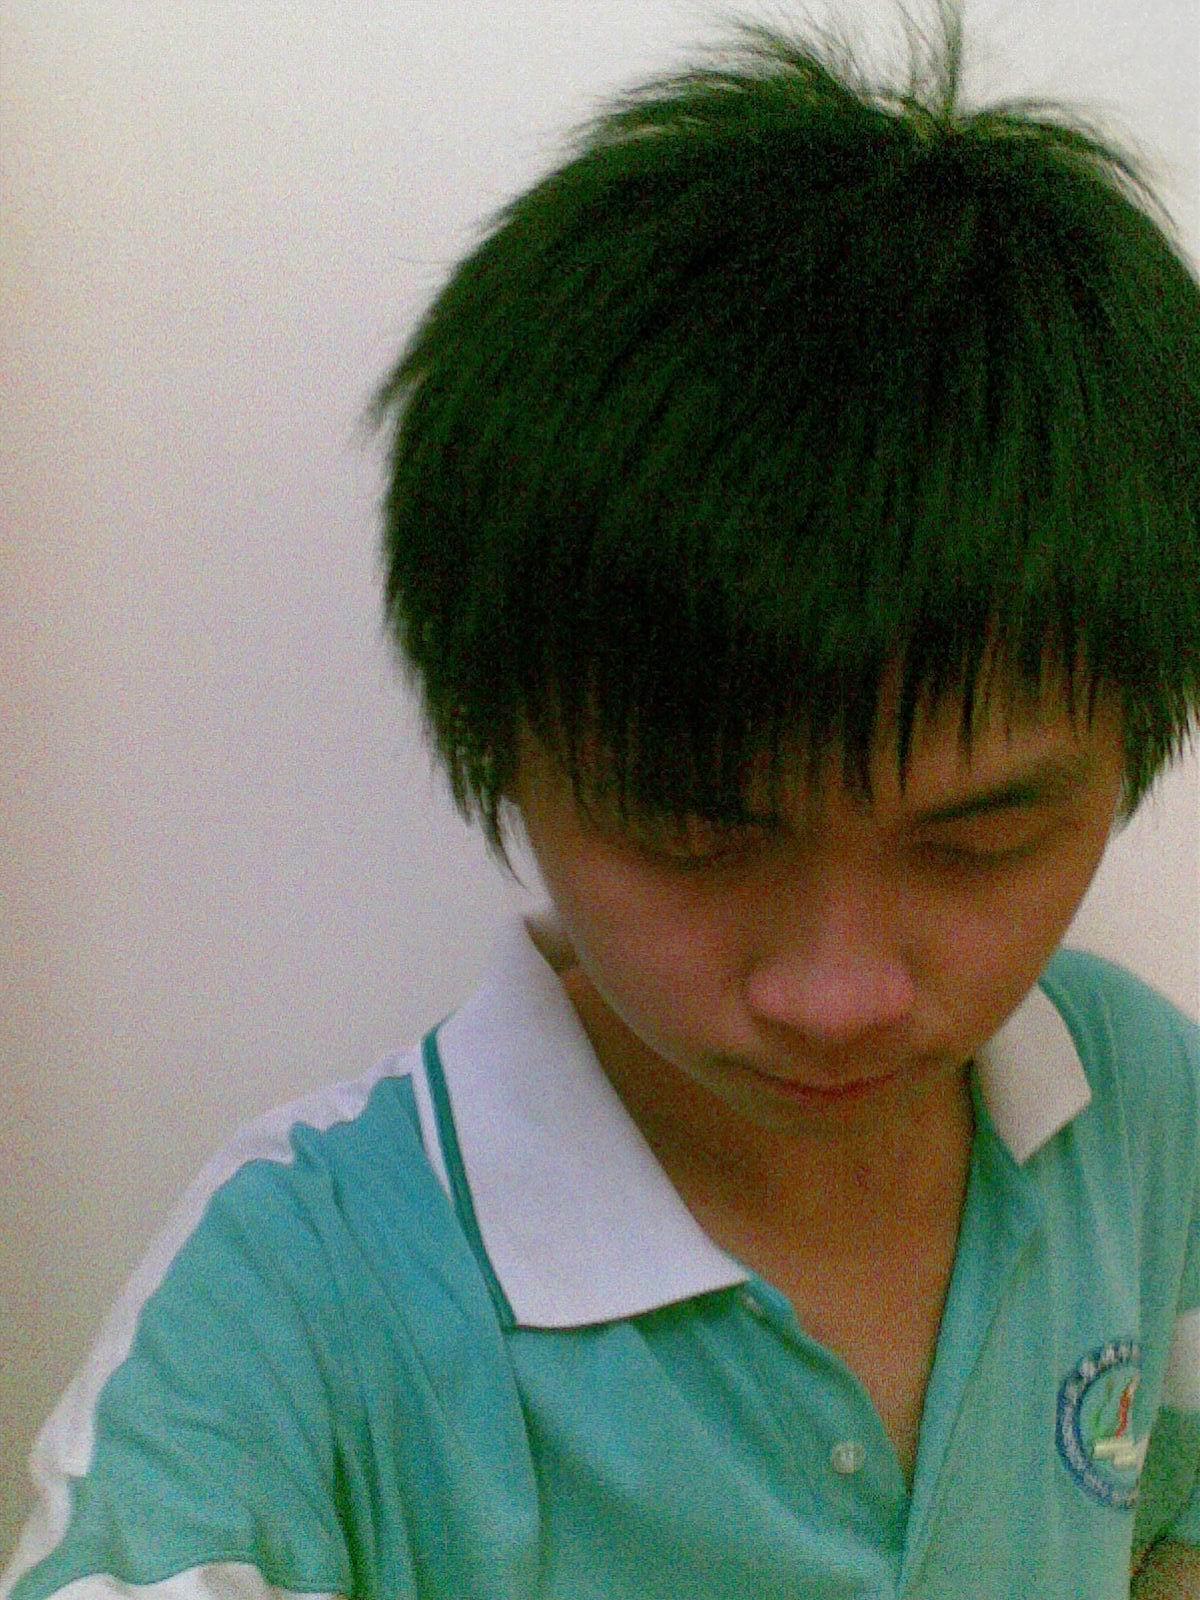 15岁男孩发型 高清图片